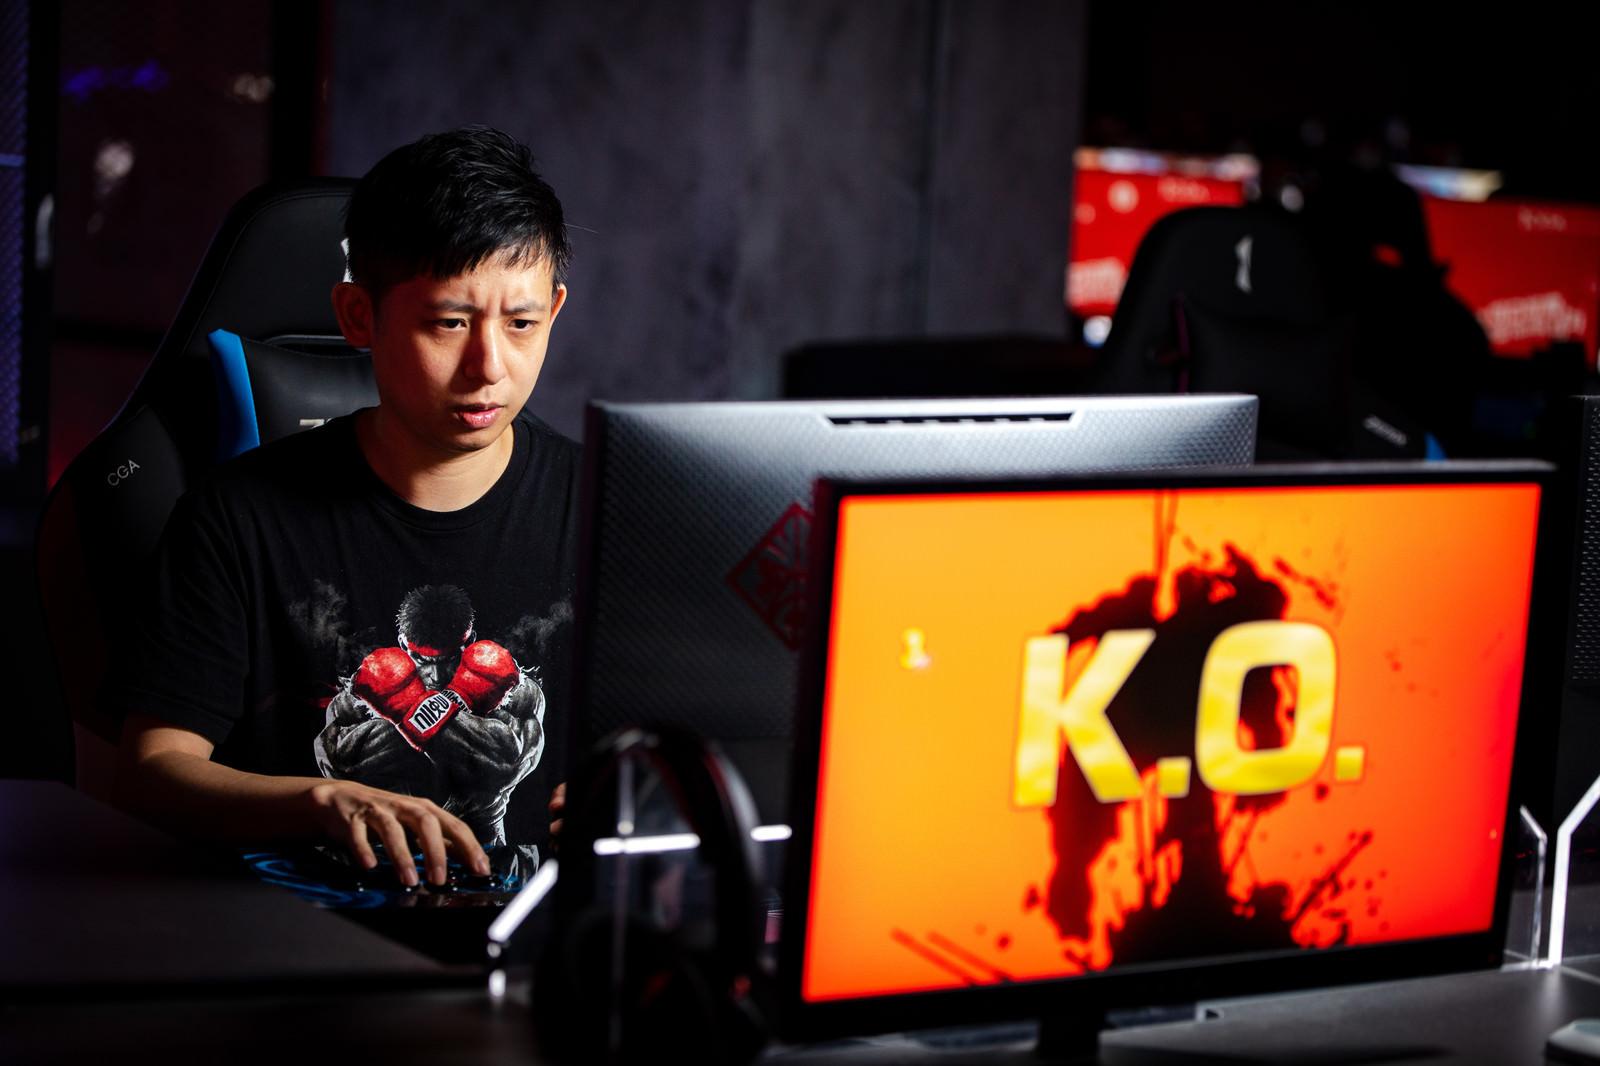 「圧倒的K.O.で打ちのめされてしまうゲーマー - ストリートファイターⅤ」の写真[モデル:Humanbomb]